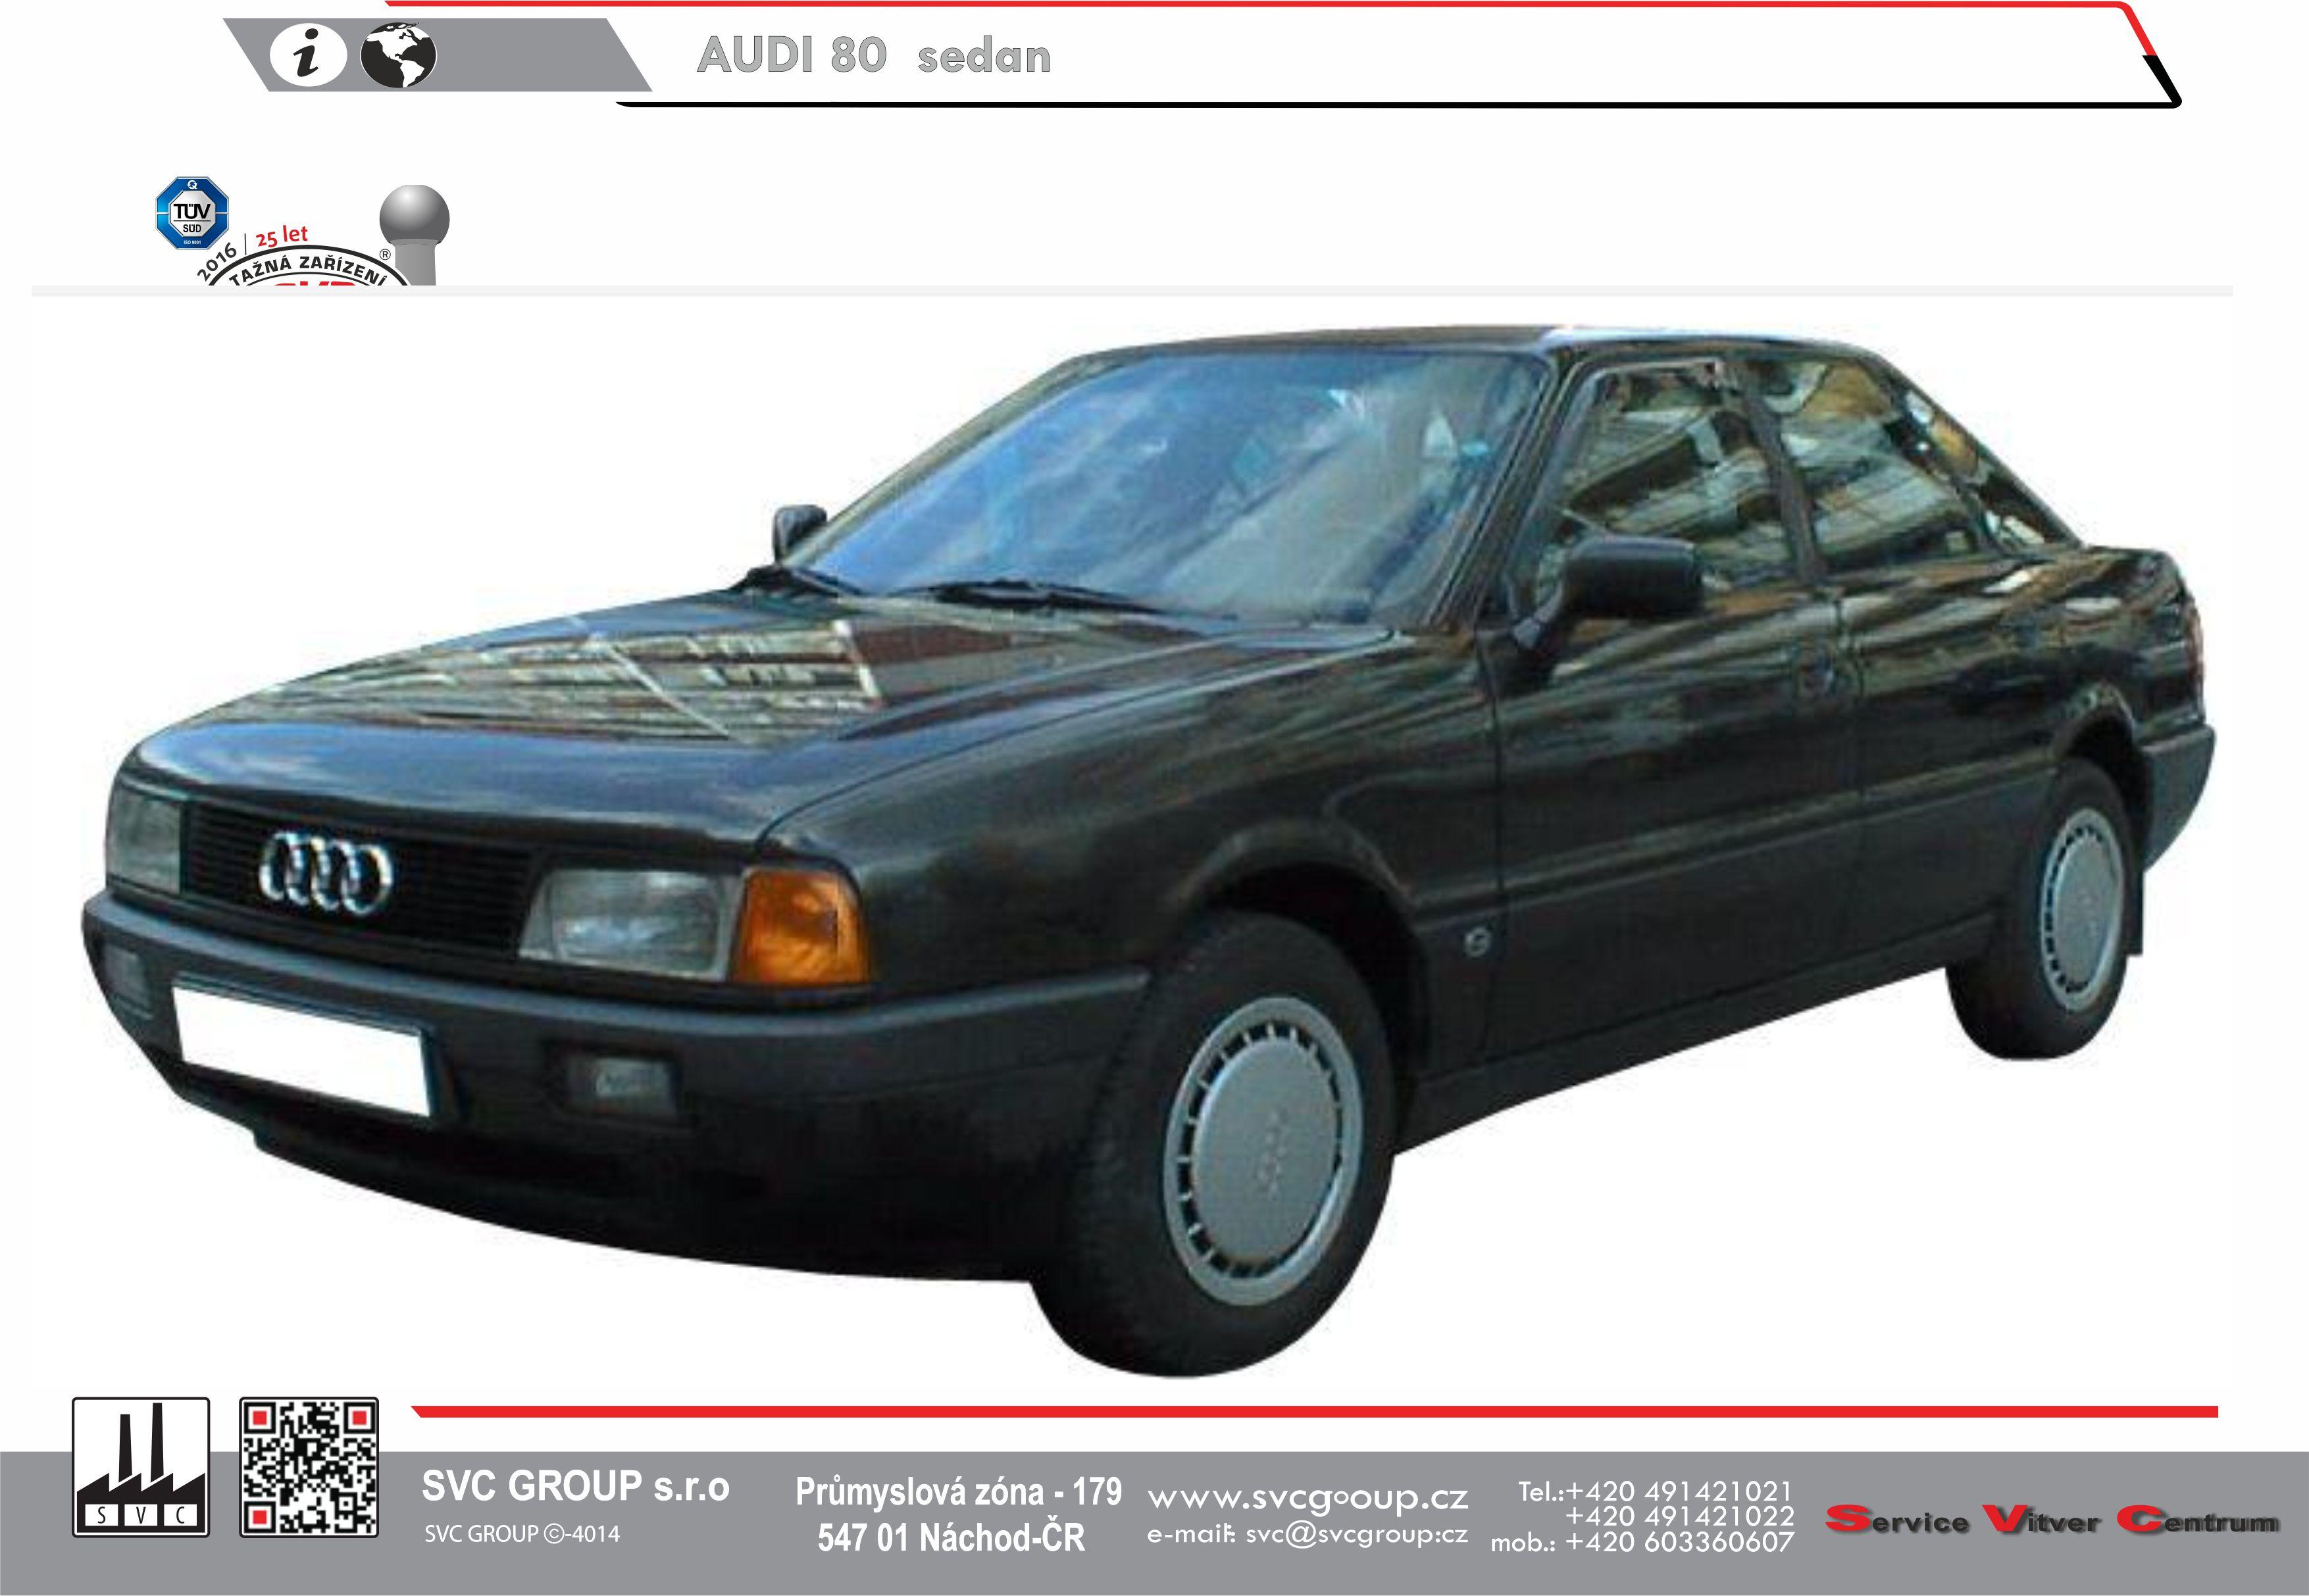 Audi 80 Sedan